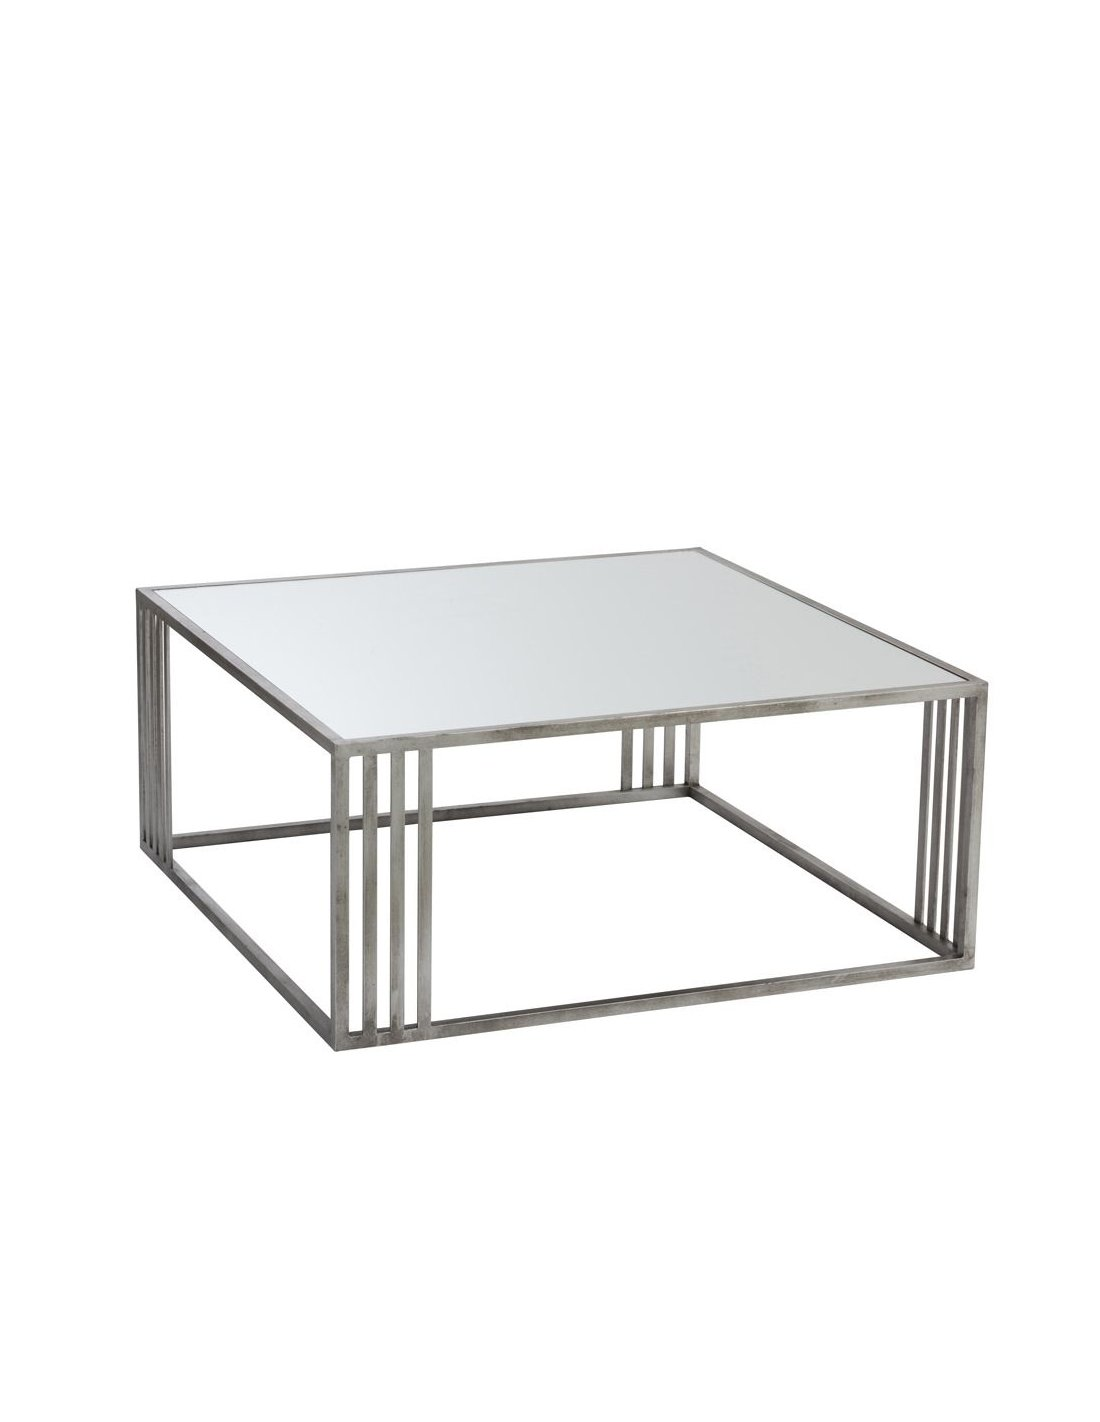 design de qualité e8bee 3cf2a Table basse rectangulaire argent BLACK SPRINGS | J-Line | Argent